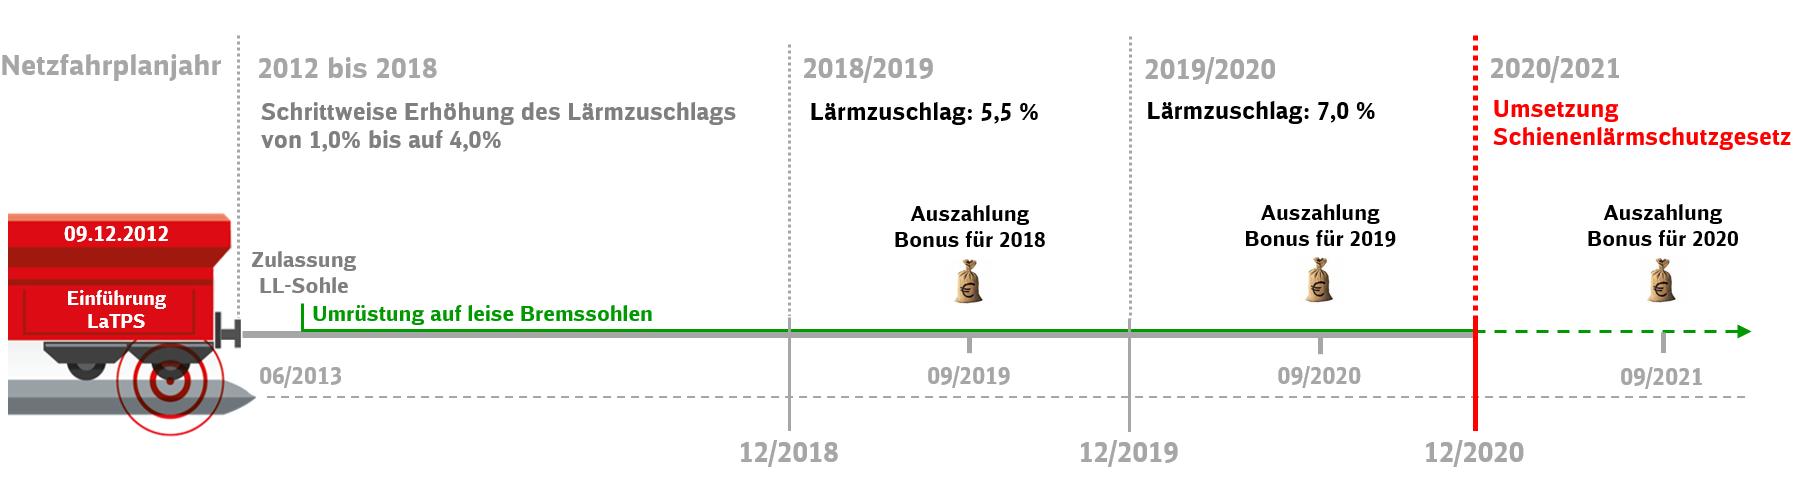 kreislauf_netz_neu_2018